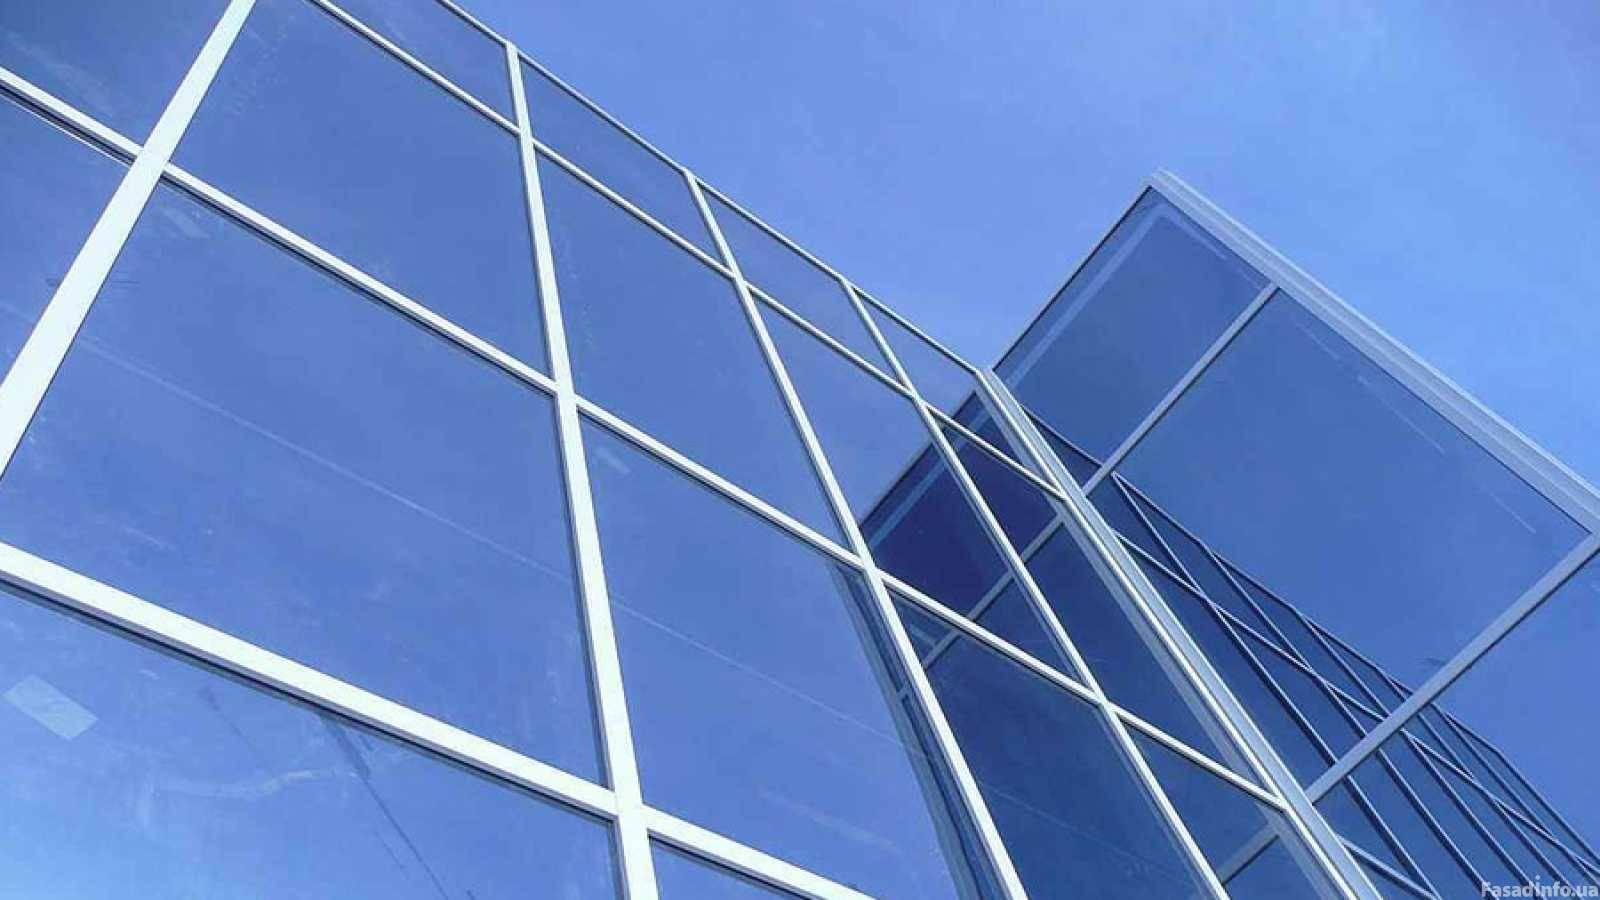 Светопрозрачные конструкции и алюминиевые окна в фасадном остеклении